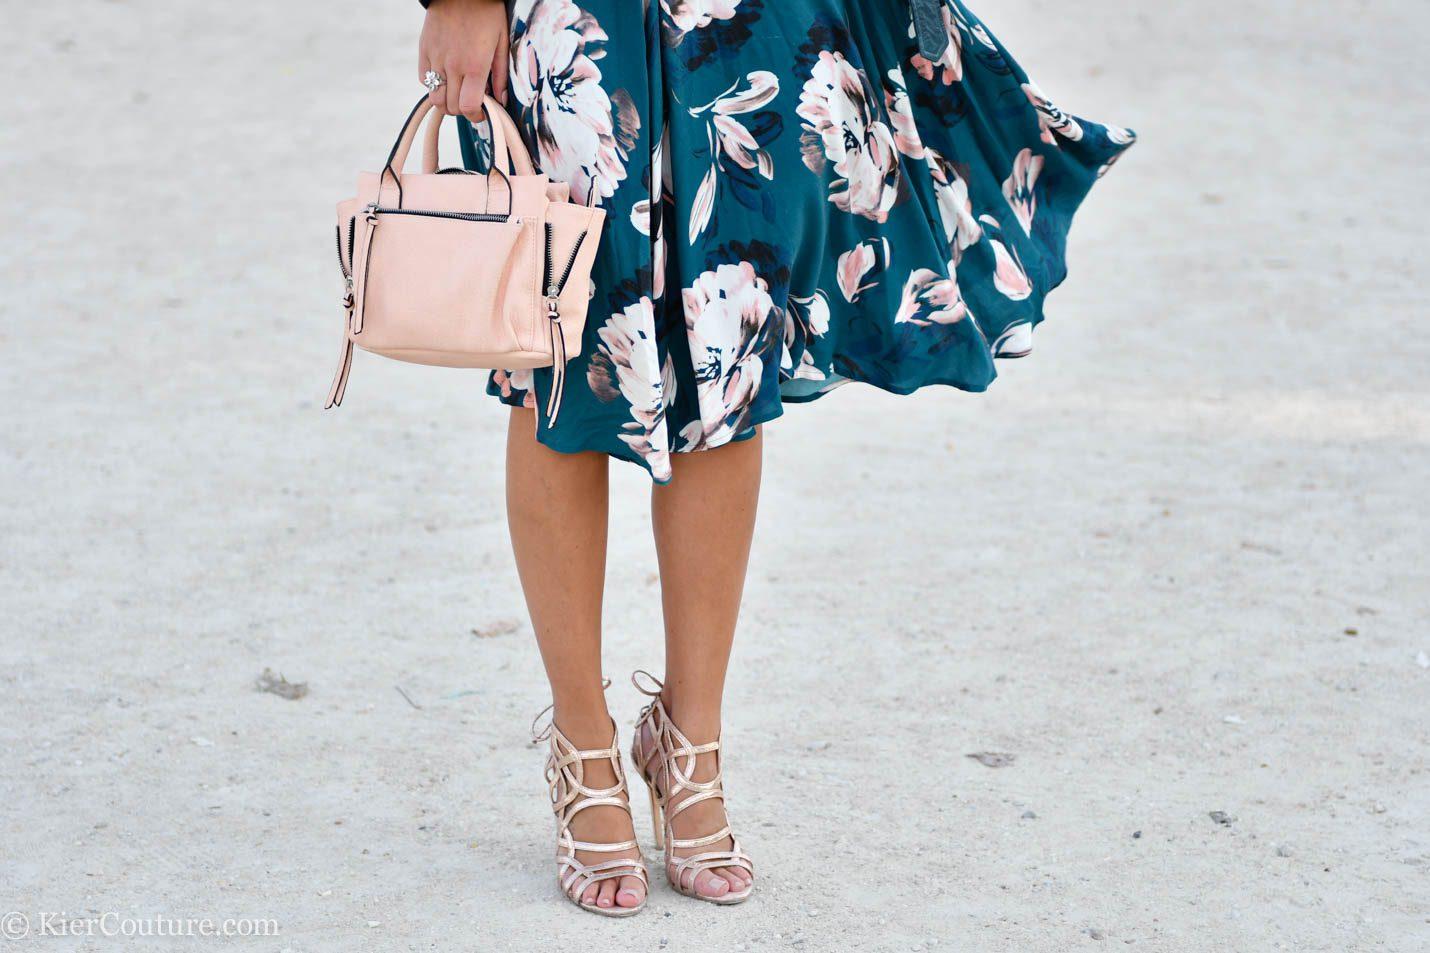 violet ray handbag